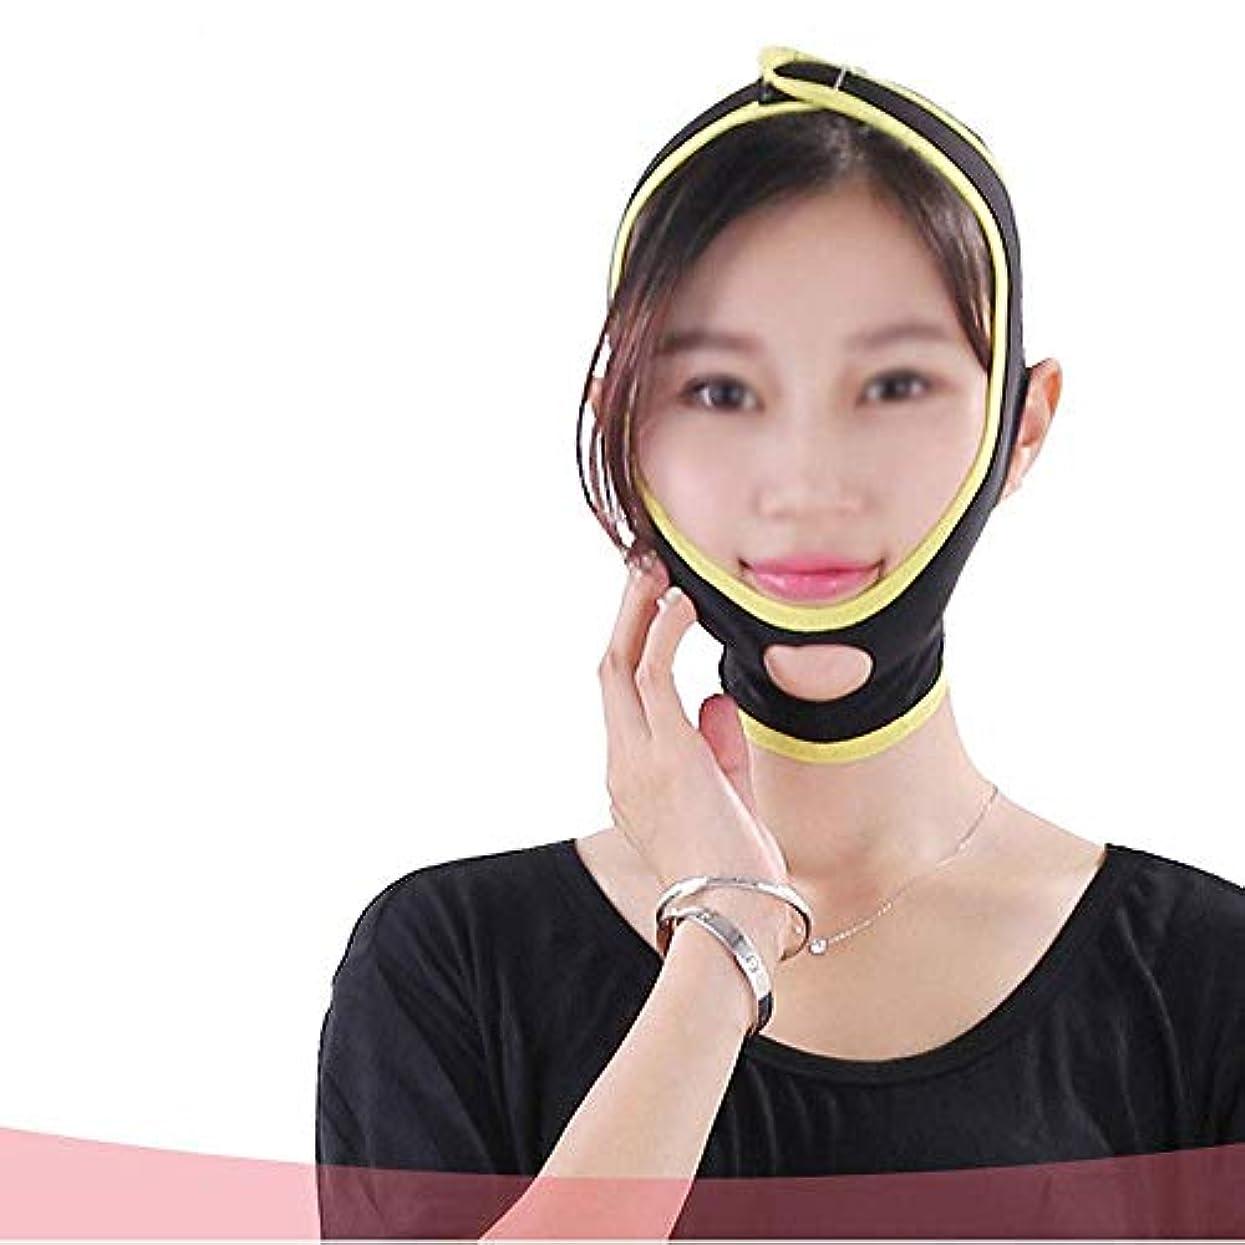 スリープフェイスマスク、薄手のフェイスバンデージ、スモールフェイスV、フェイスフェイス、フェイスリフト付き(フェイスカラー、L),L